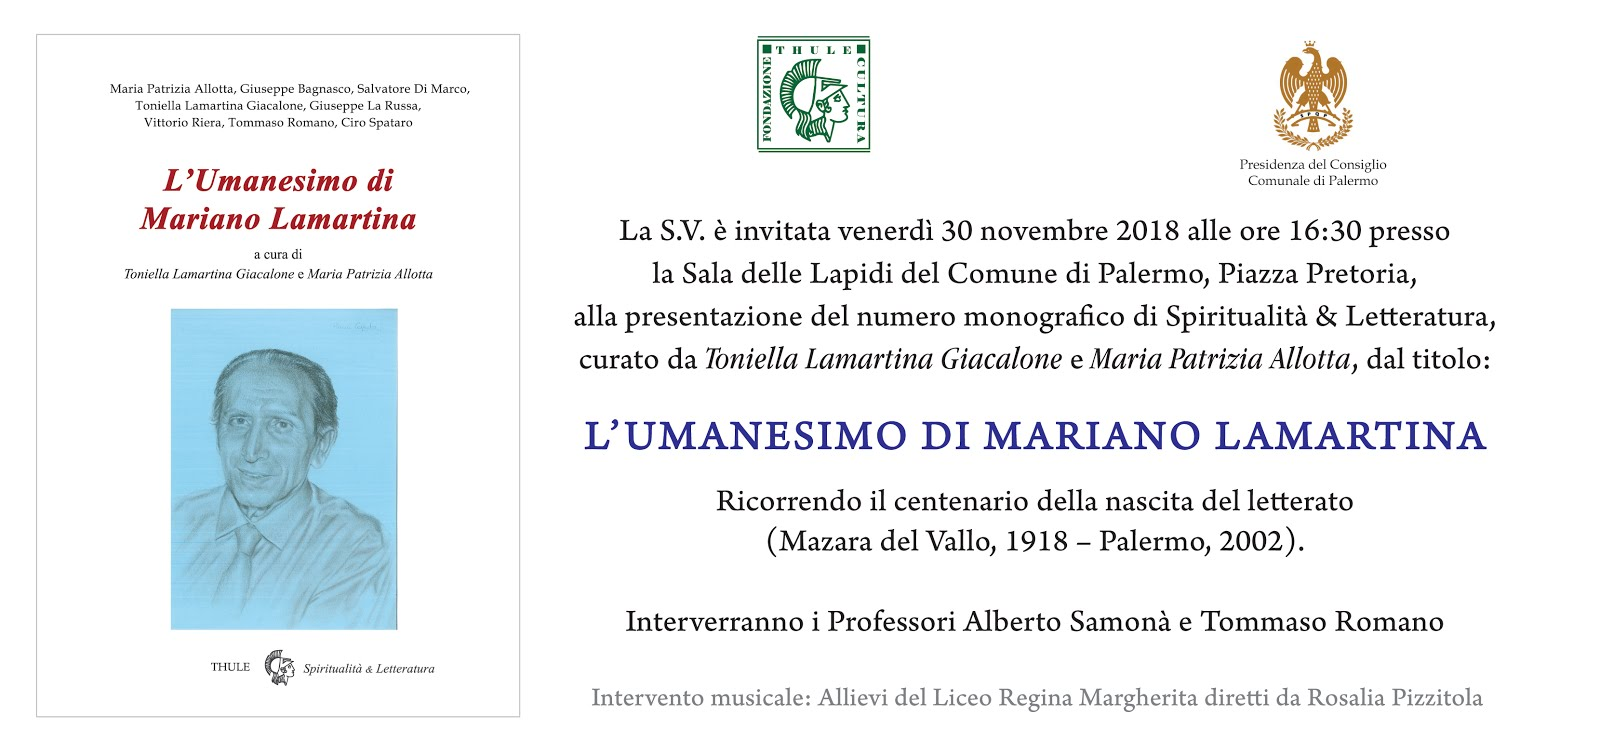 """Presentazione del numero monografico di Spiritualità & Letteratura, """"L'Umanesimo di Mariano Lamartina"""" il 30 novembre 2018 presso la Sala delle Lapidi del Comune di Palermo, ed un messaggio dell'Assessore Lagalla"""